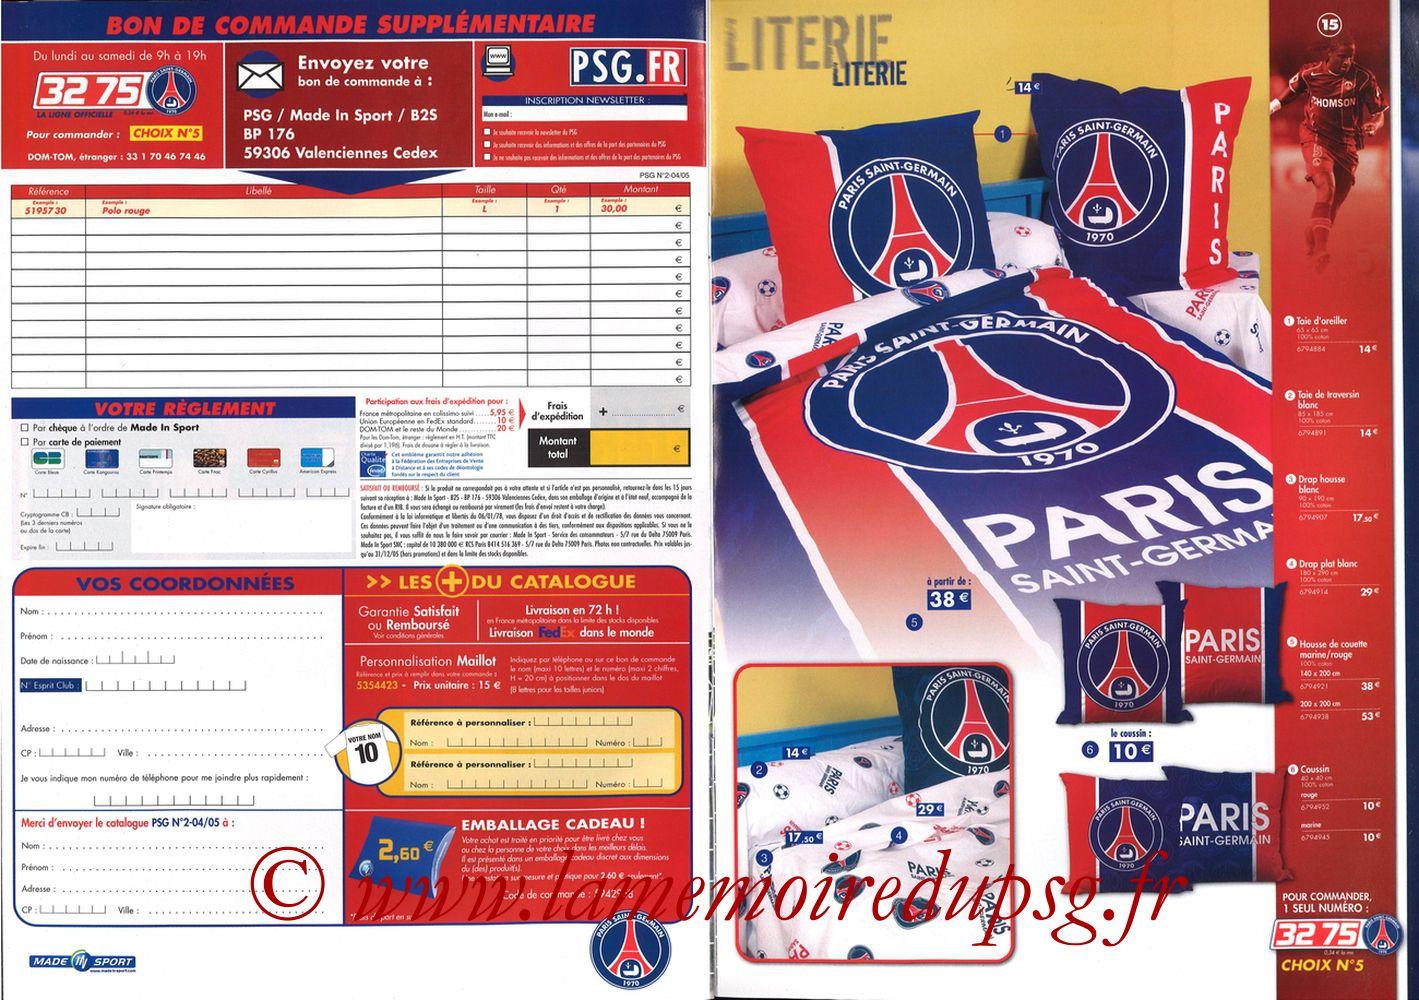 Catalogue PSG - 2004-05 - Pages 10 et 11